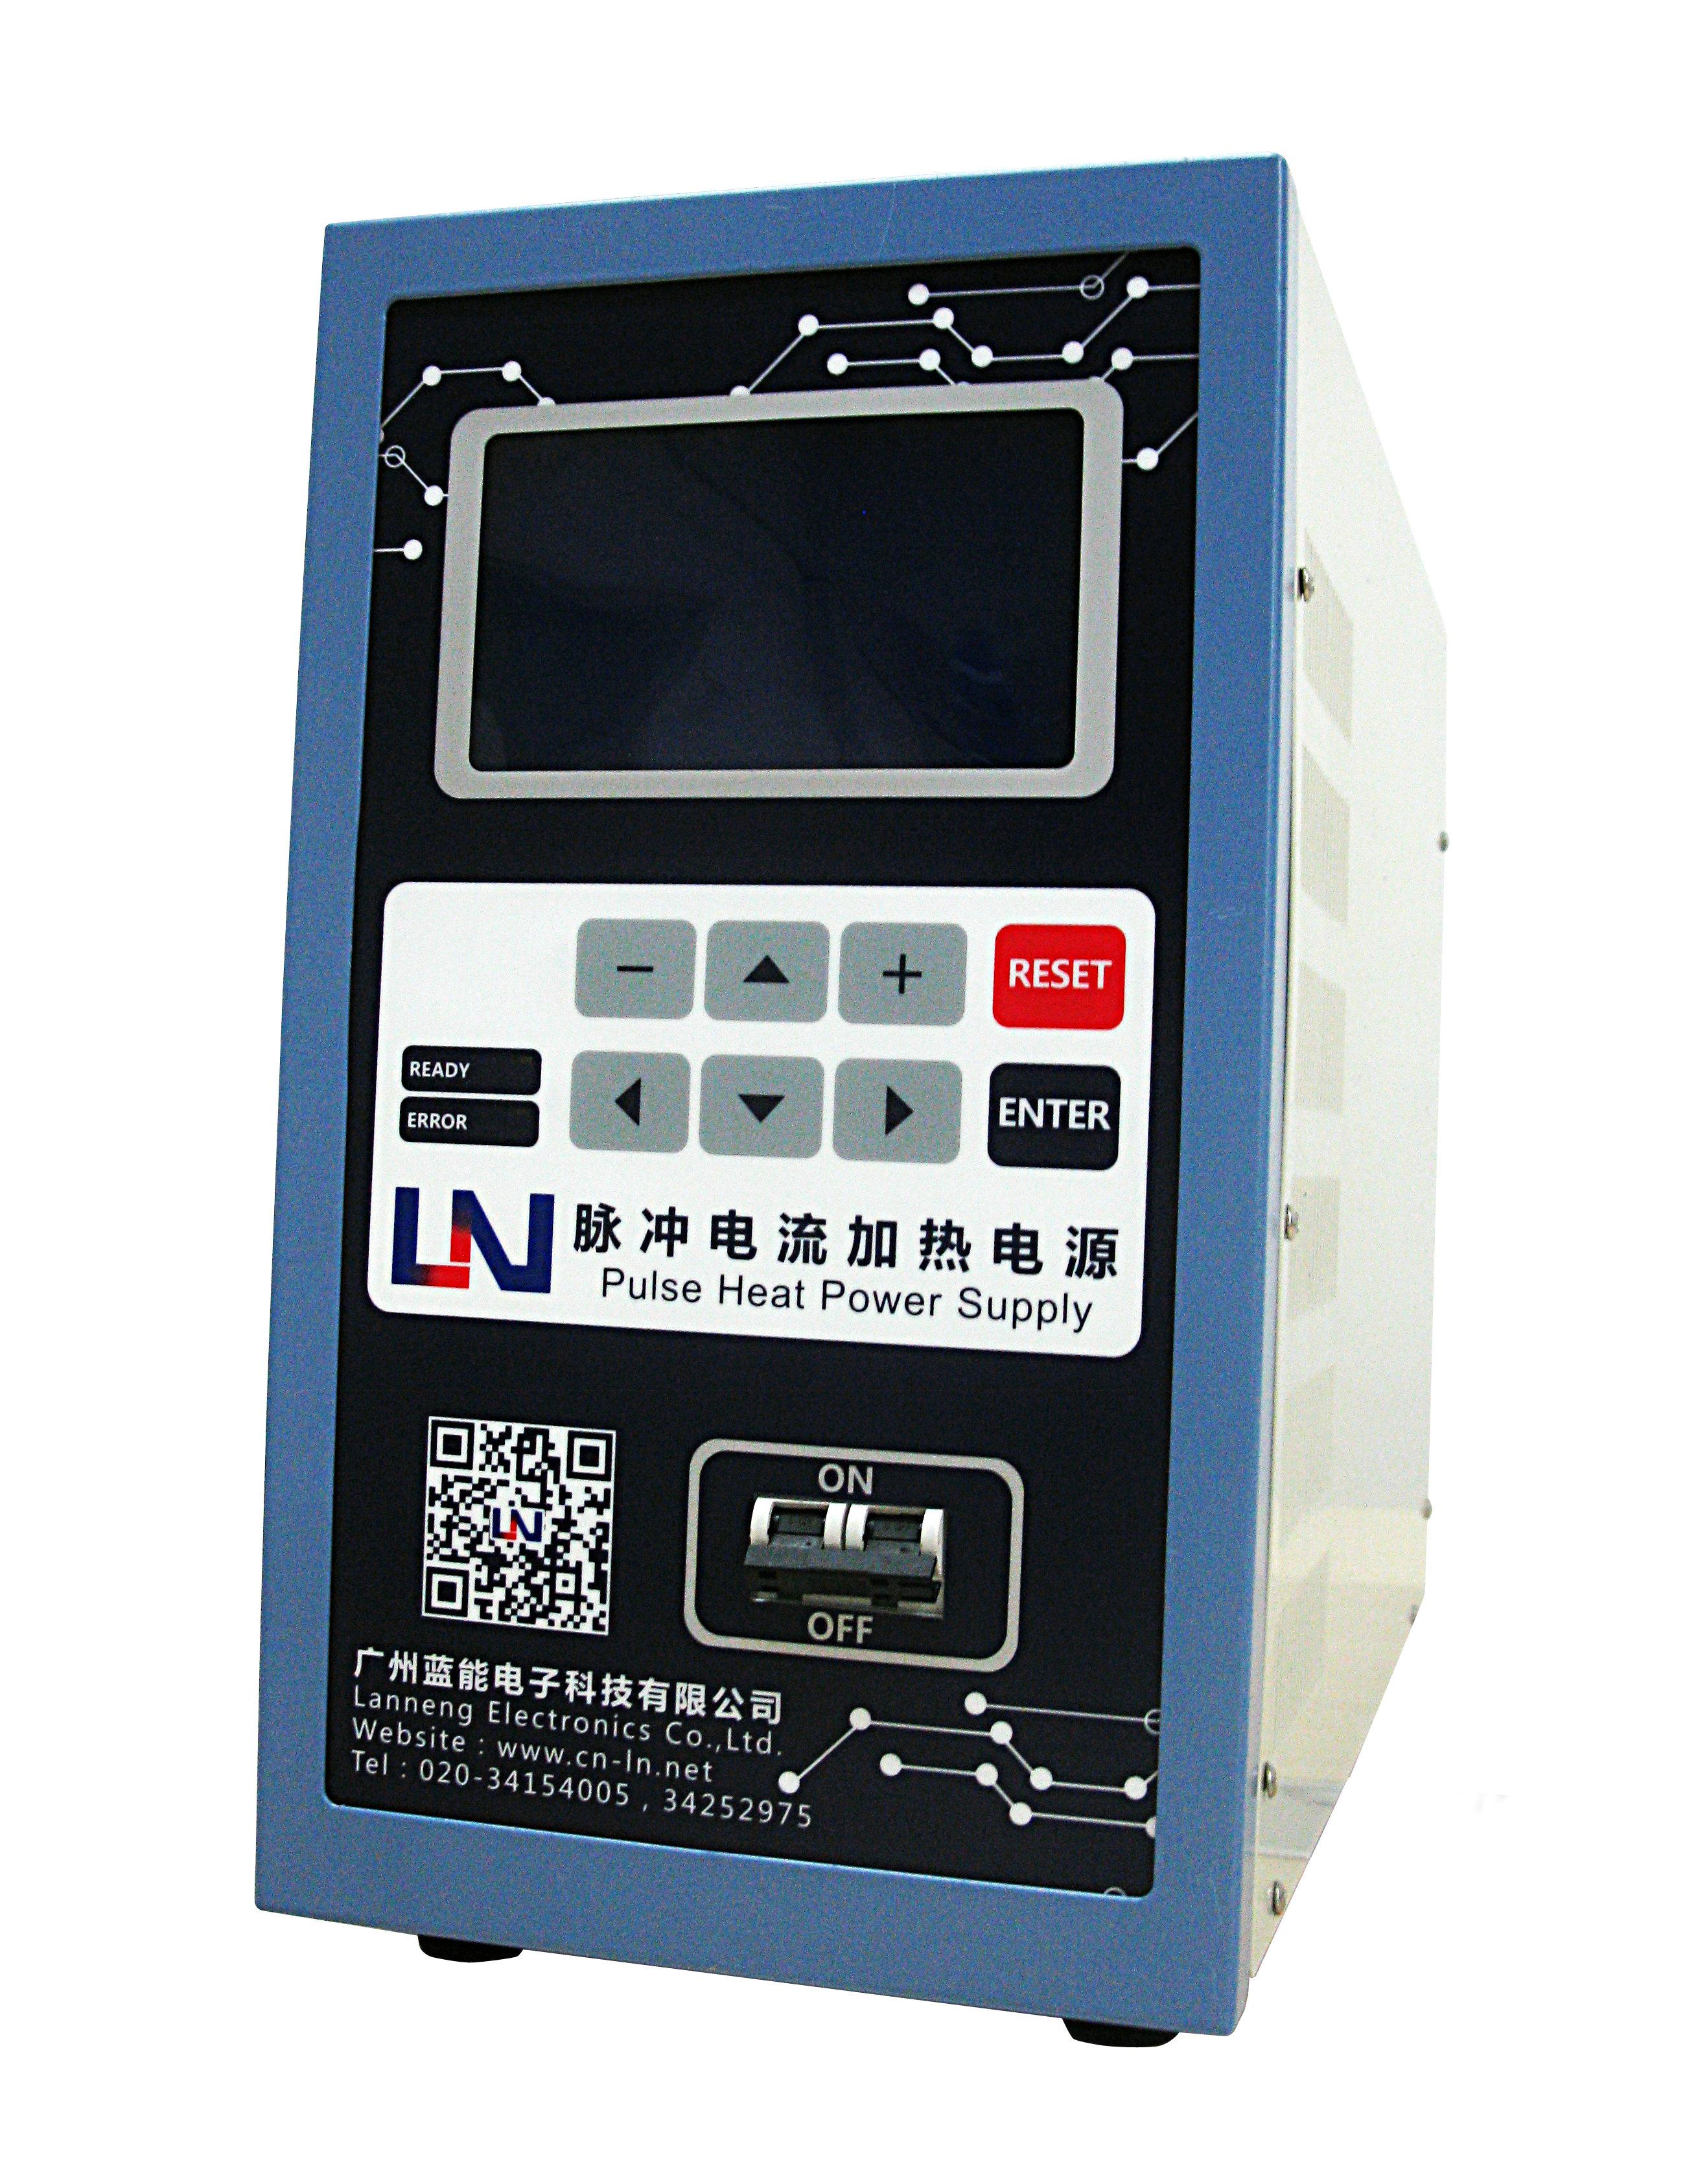 采用脉冲加热电源焊接高频电感漆包线